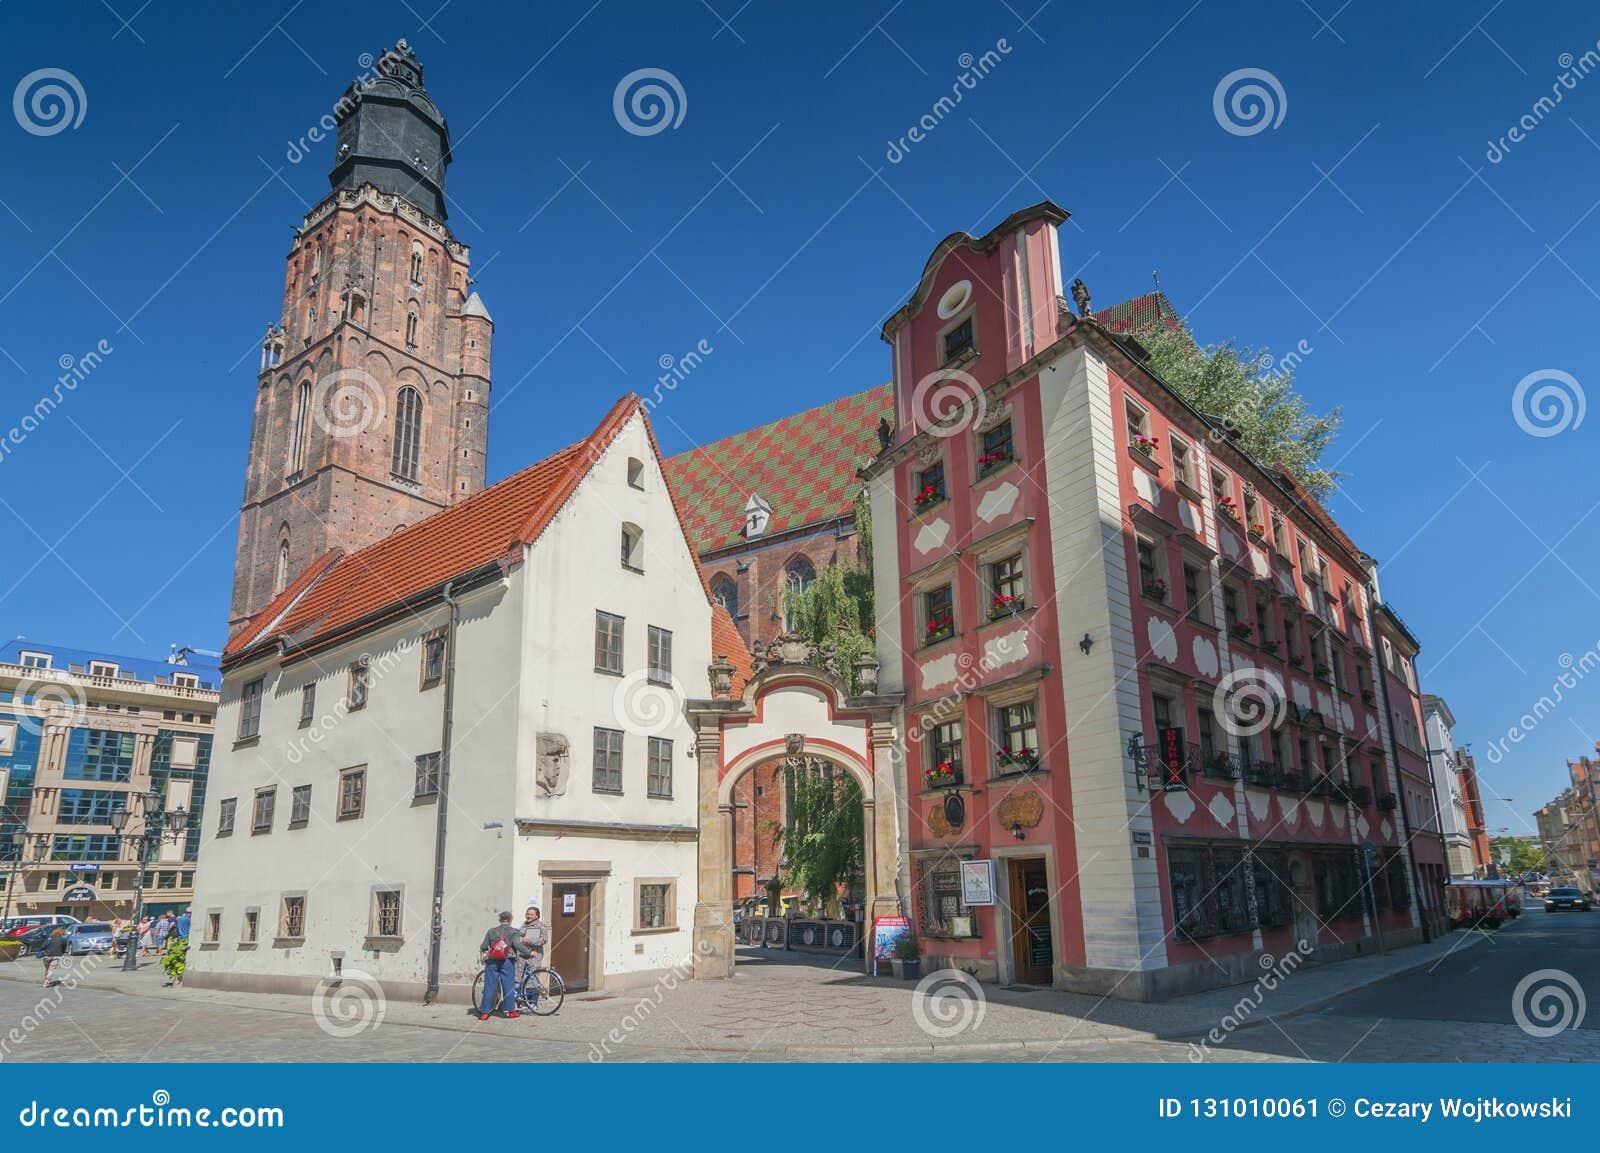 Jas och Malgosia Johnny och Mary miniatyrhus och St Elizabeth Church i Wroclaw, Silesia, Polen